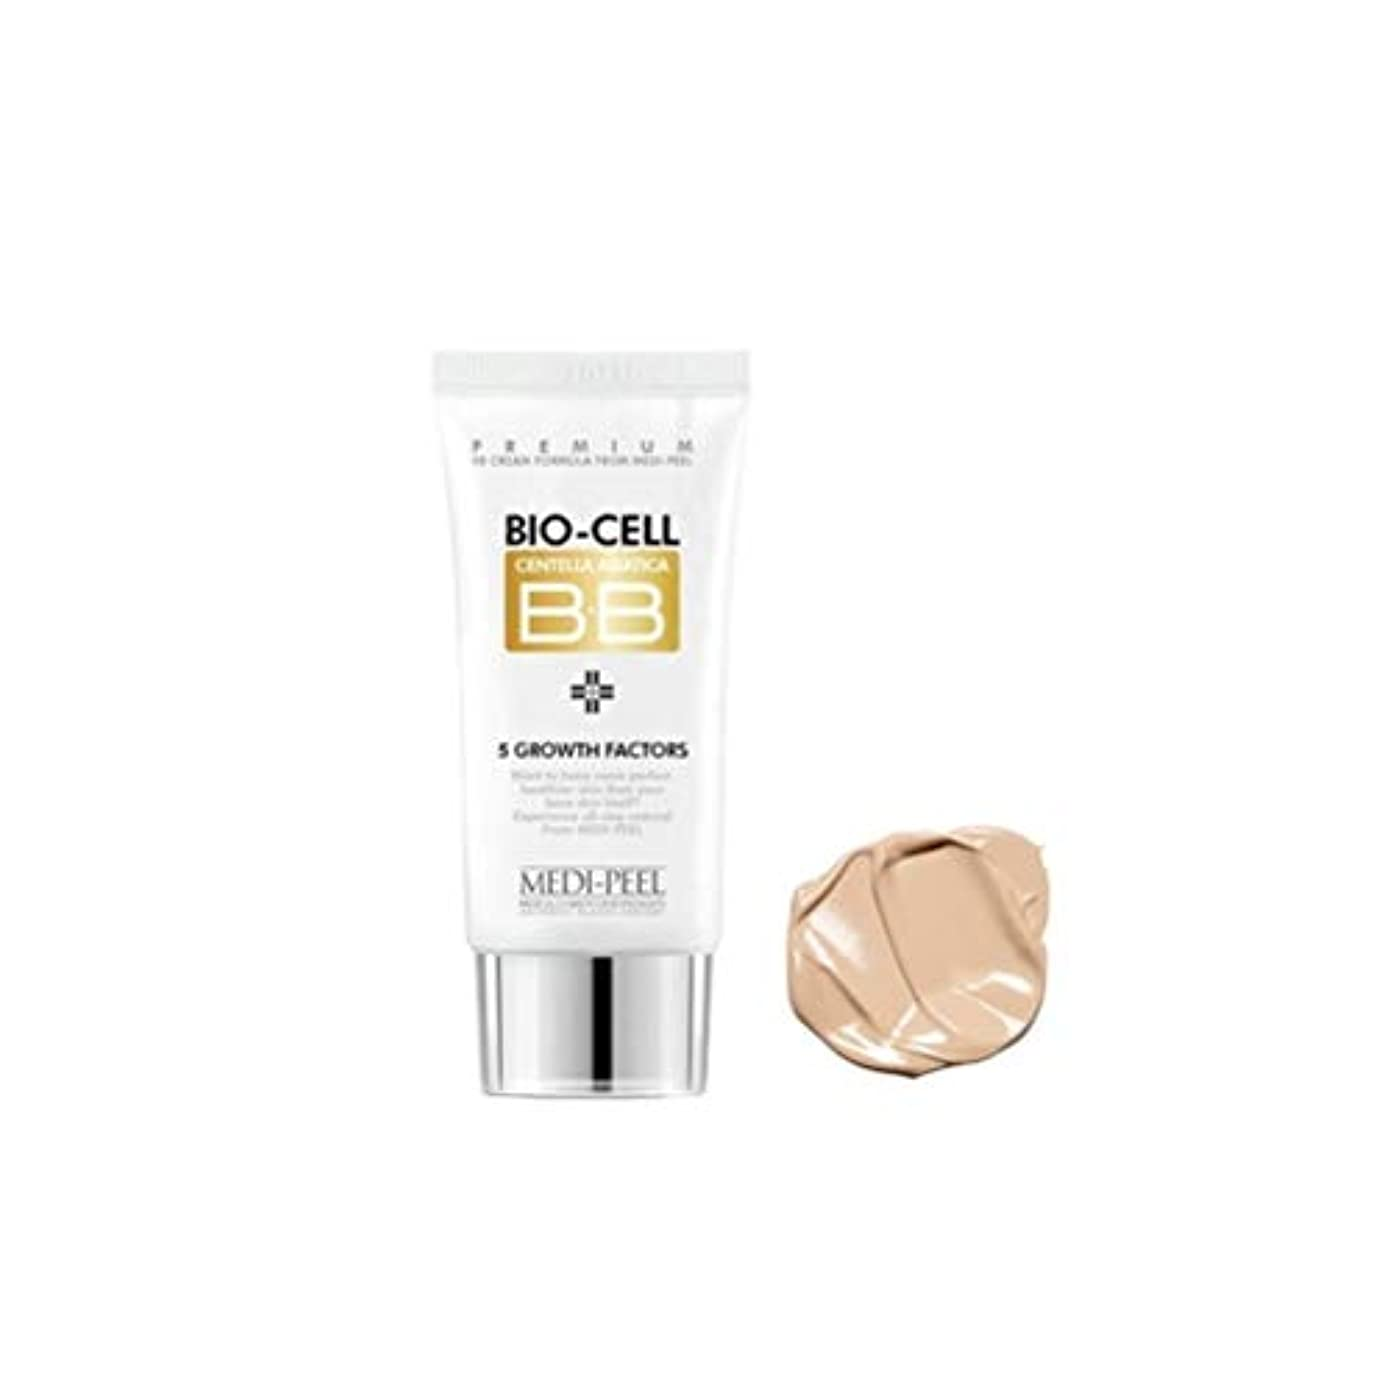 分析的フラッシュのように素早くふざけた[Medi-Peel] メディピール バイオセル BBクリーム 50ml. [美.白?シワ.改善2重機能性化粧品] Medi-Peel Bio-cell BB Cream 50ml.